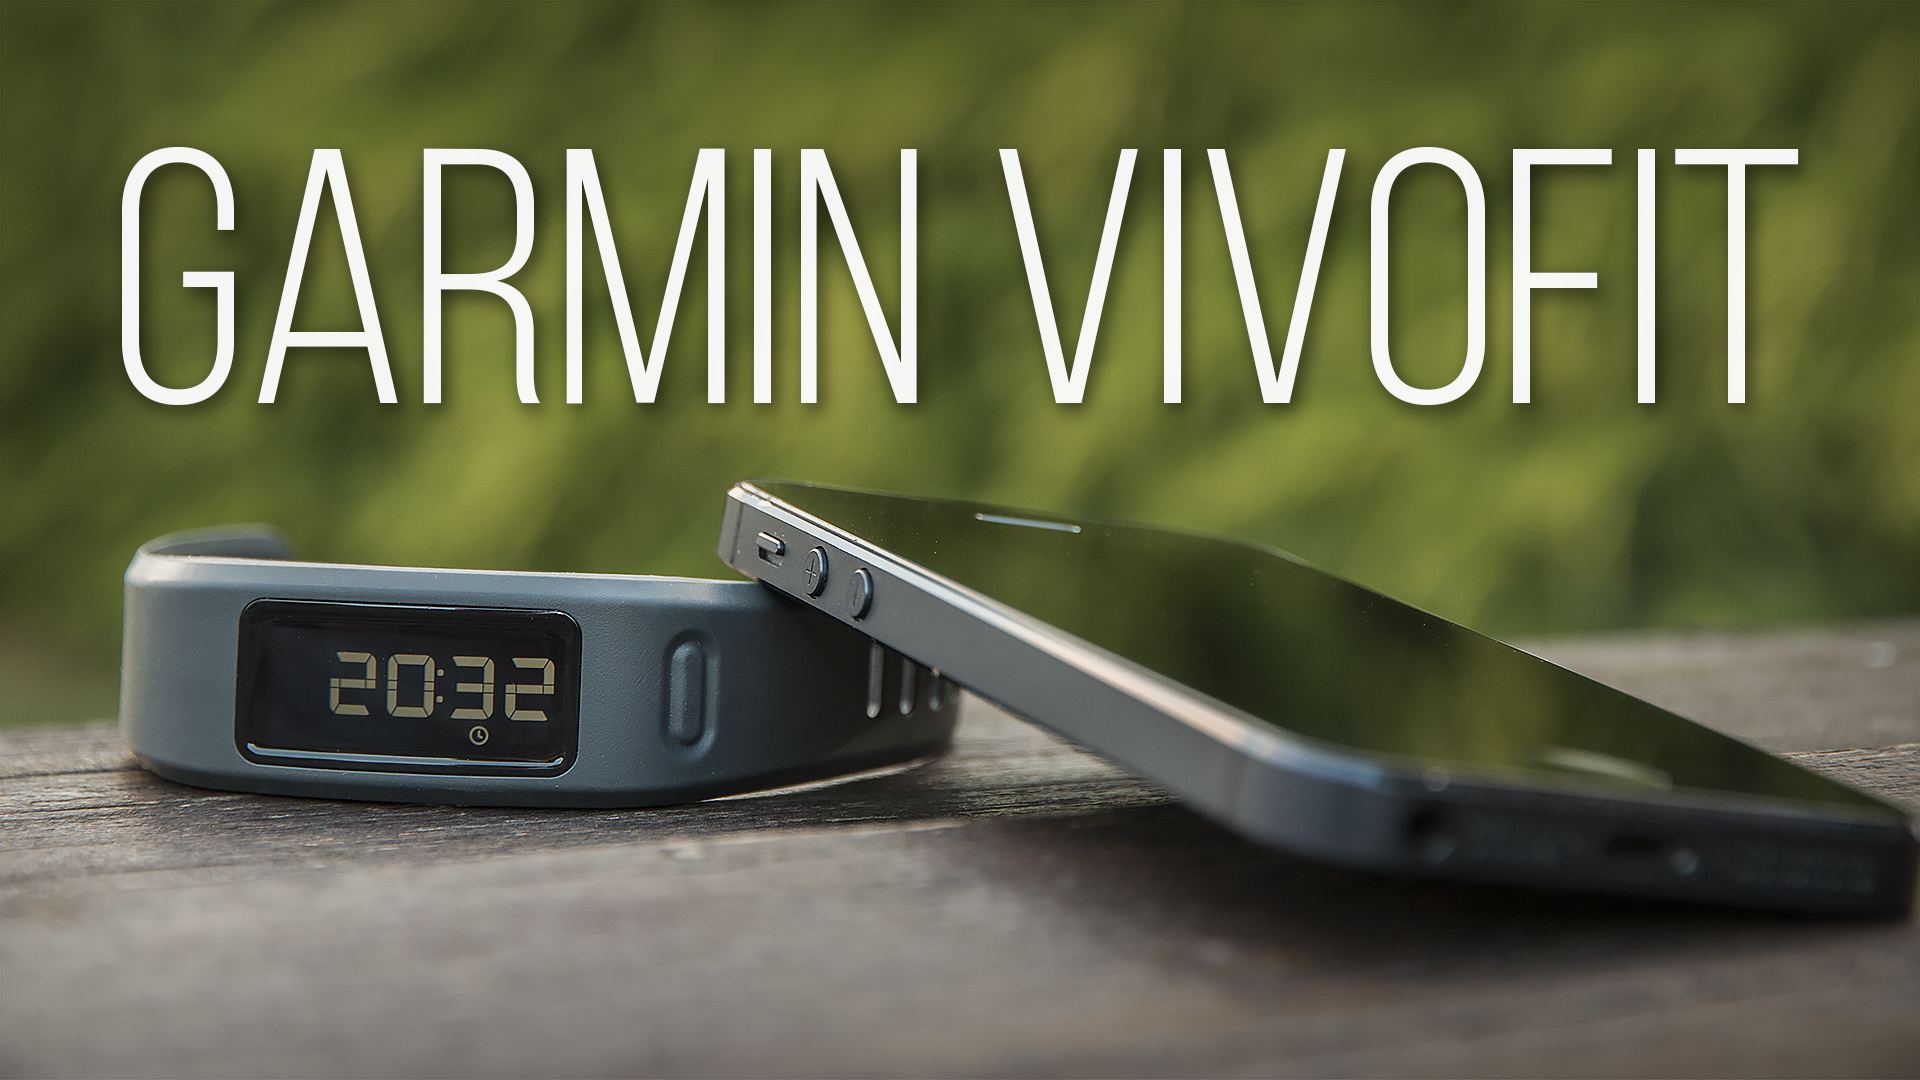 Garmin Vivofit aneb k čemu jsou chytré náramky